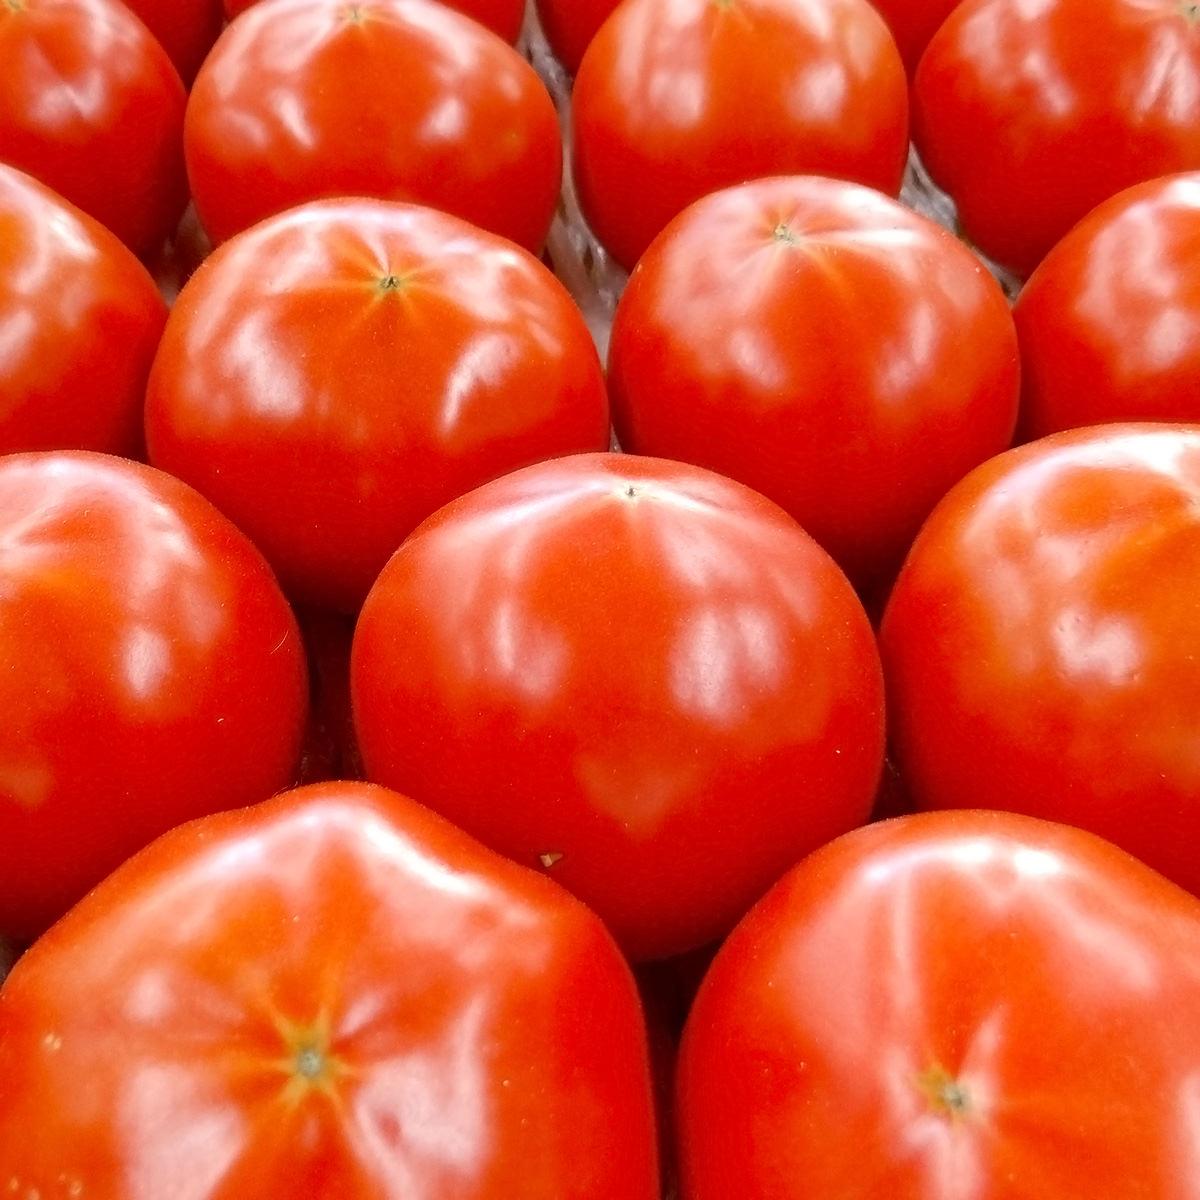 天然の美味しさがぎゅっと凝縮 長崎県産高糖度トマト 西海トマト〔Mサイズ3kg×2箱〕